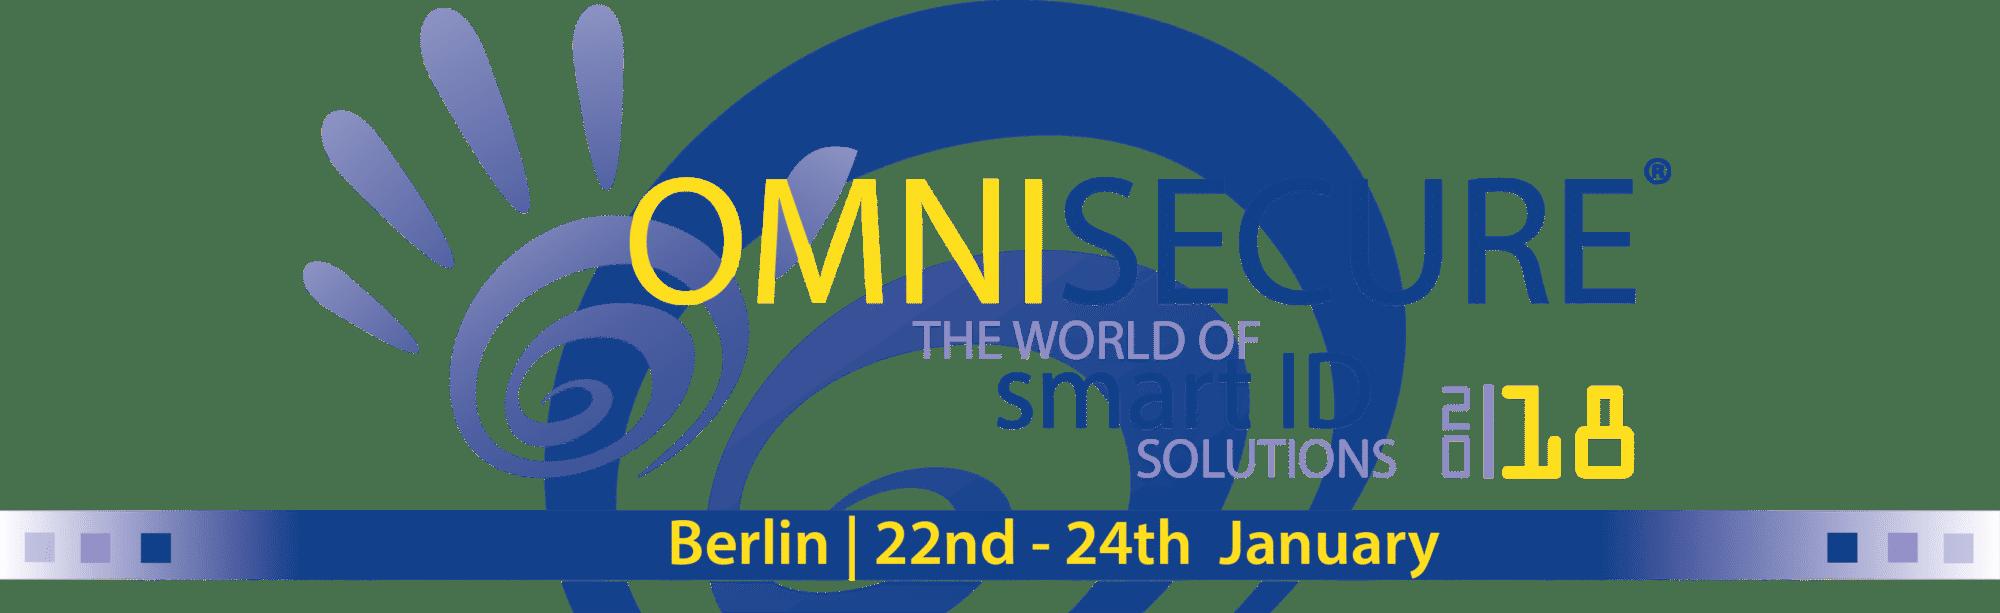 Omnisecure Konferenz 2018